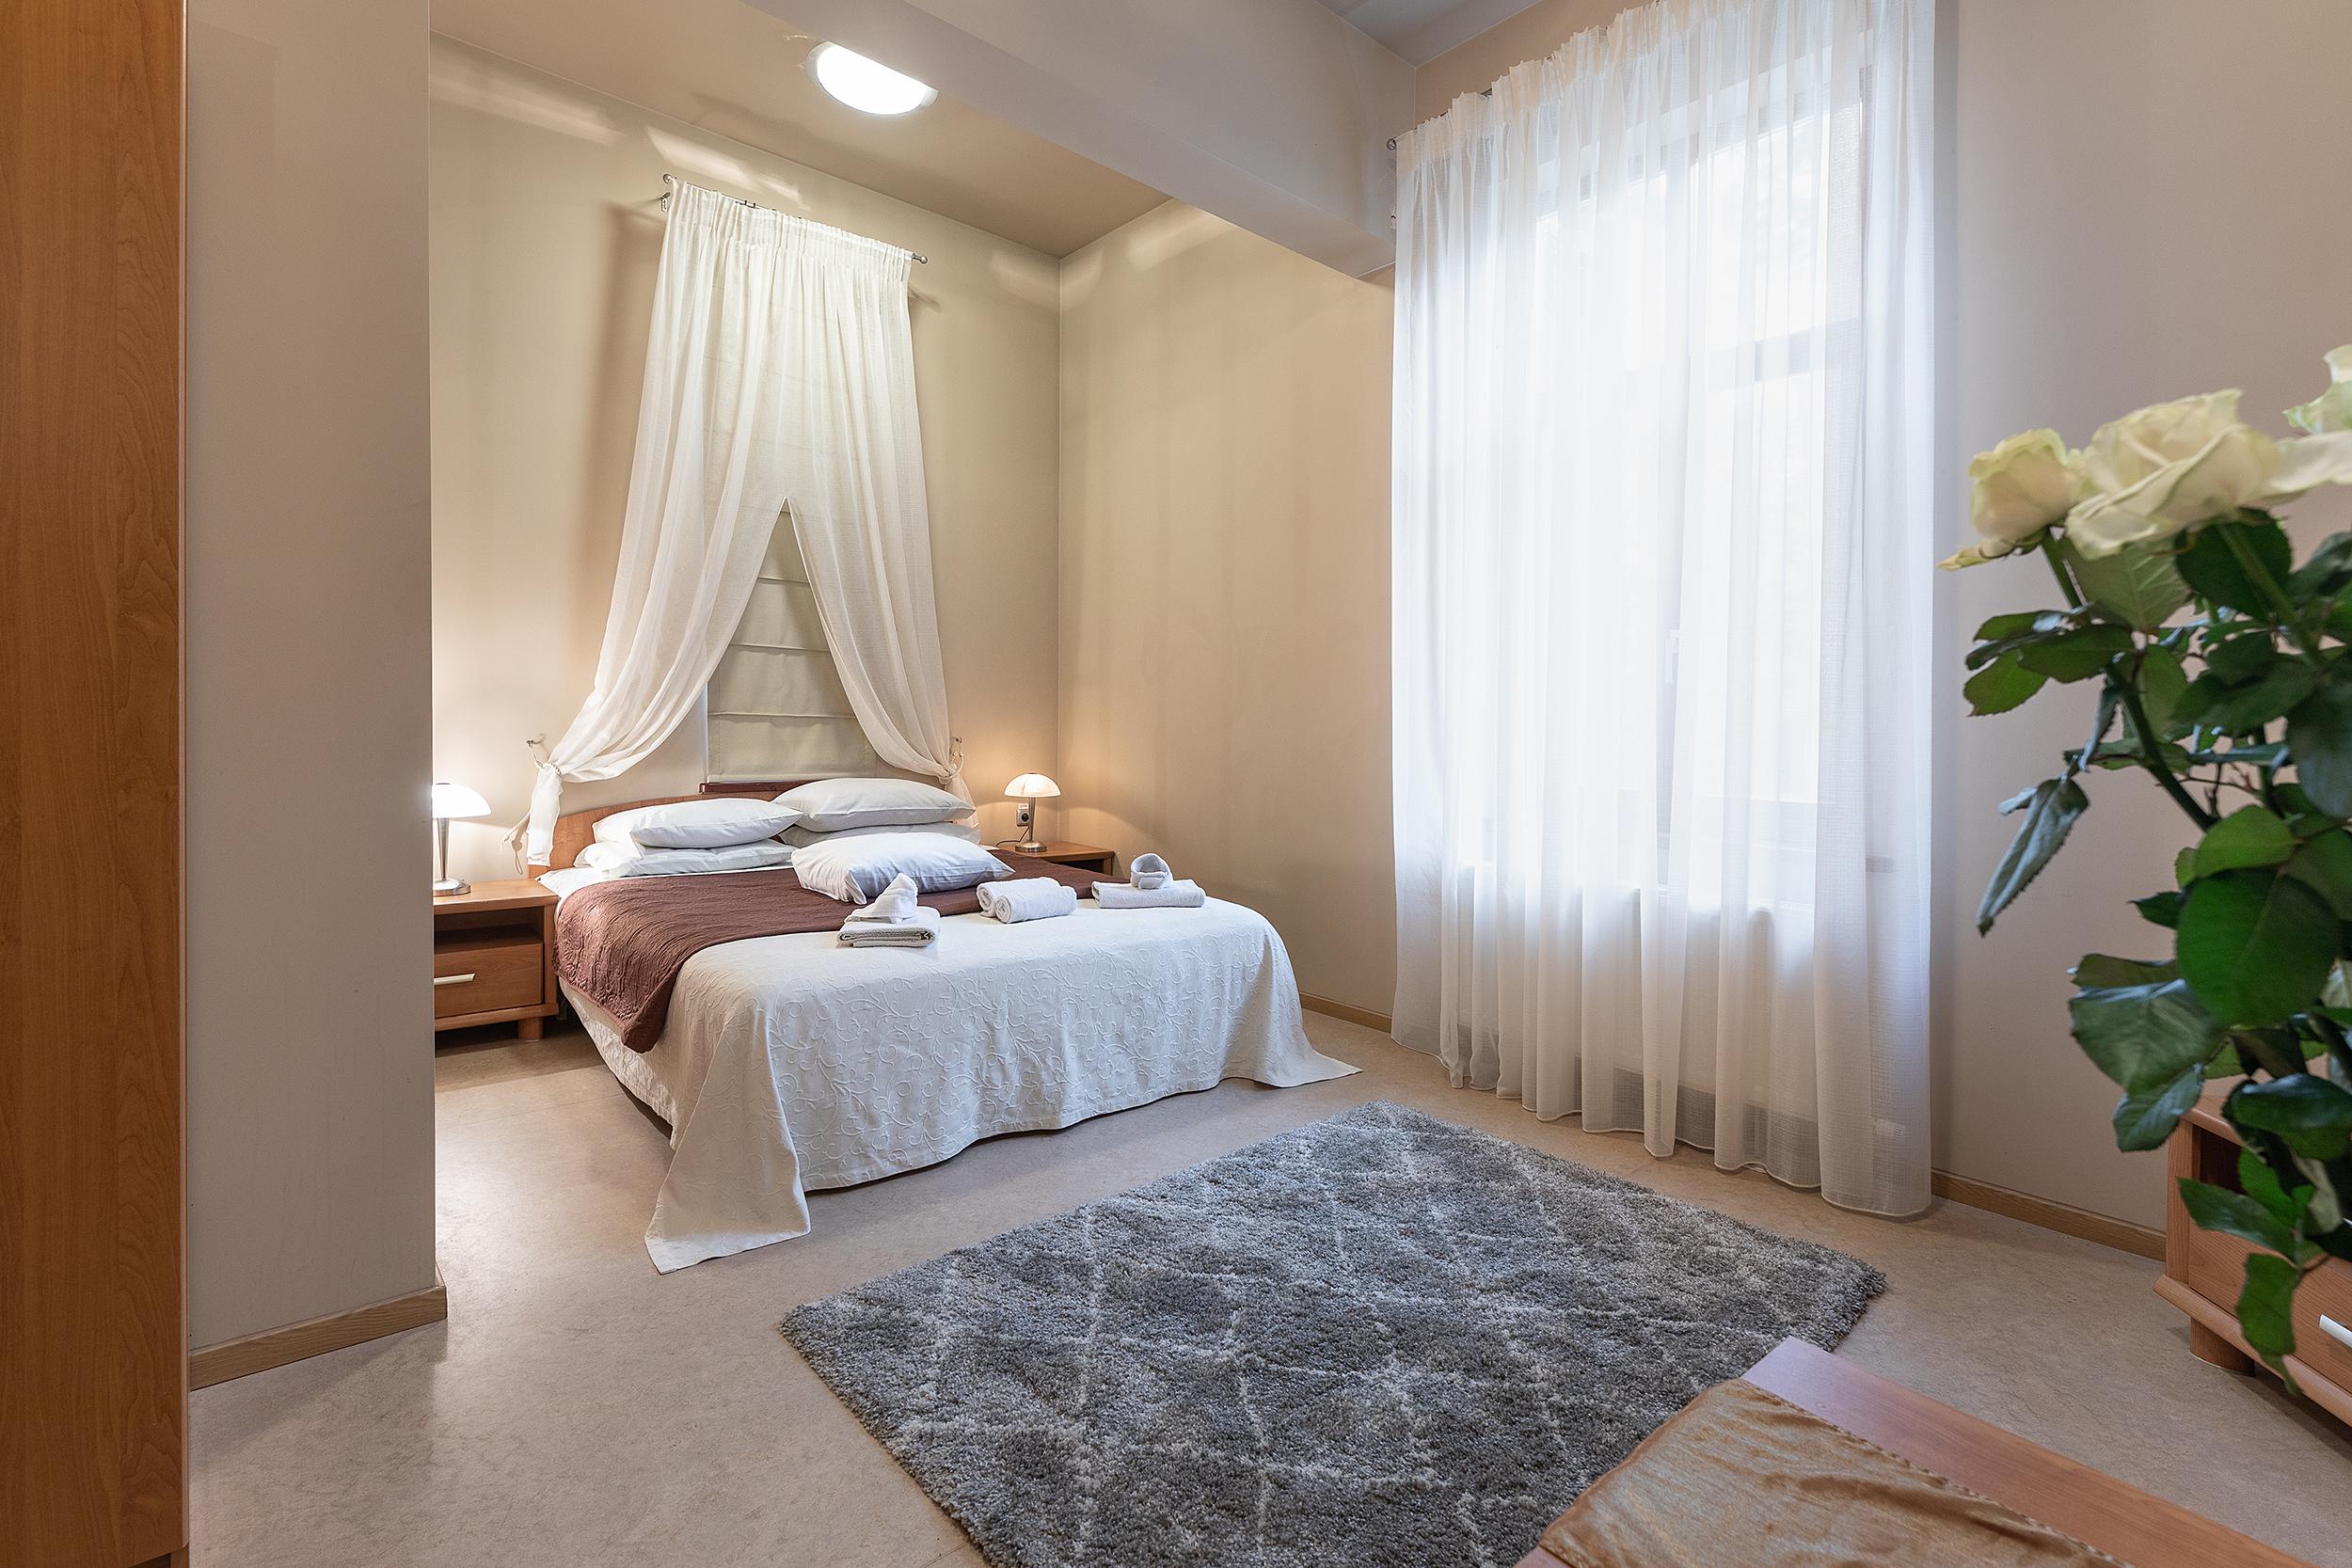 Valensija Suite fur zwei in einem schonen Hotel